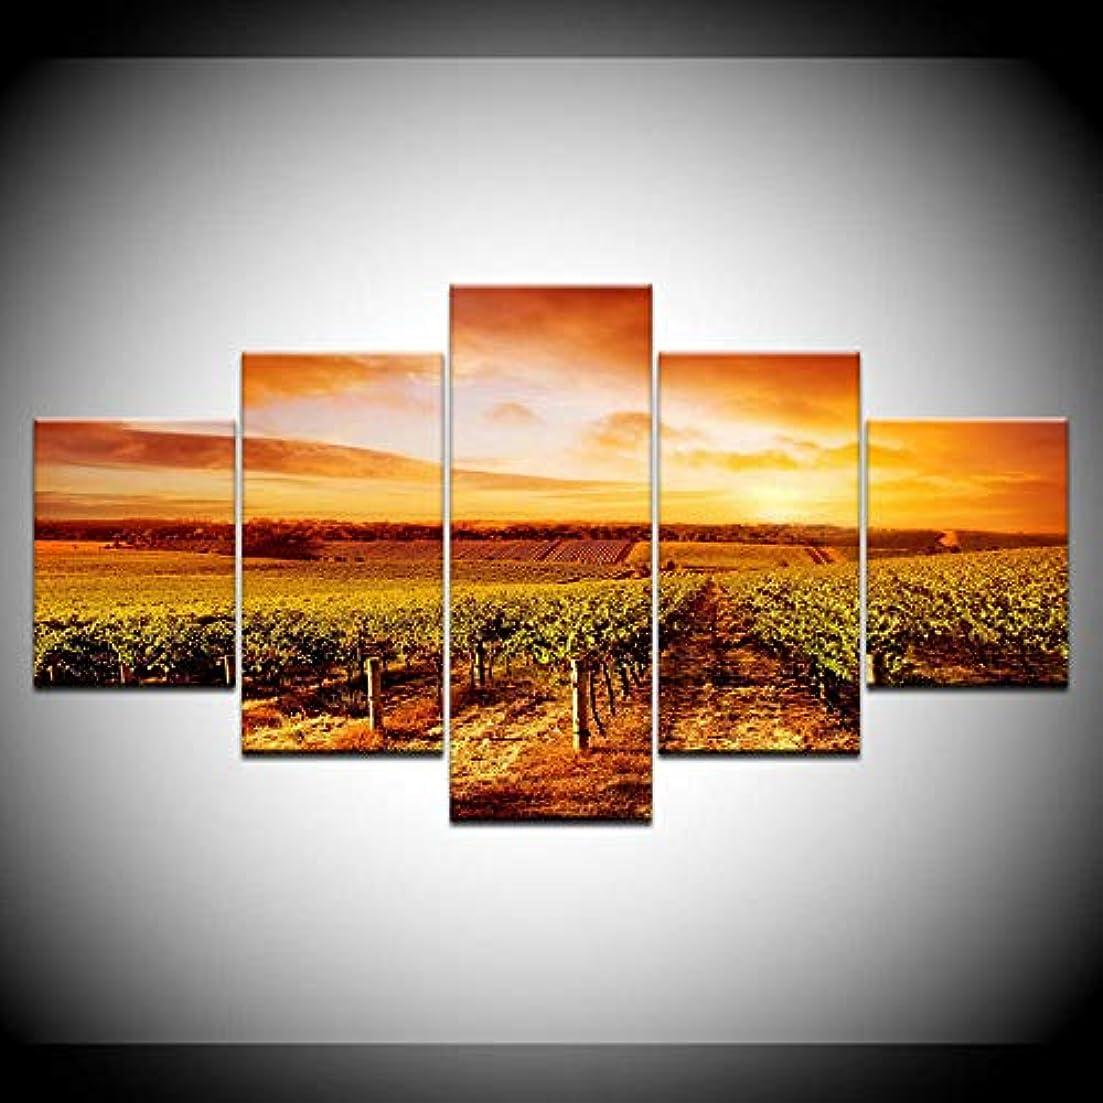 最大のドキュメンタリー親愛な5ピース現代の壁アート秋農村日没キャンバス絵画日没で海壁写真家の装飾アートワーク40X60Cmx2 40X80Cmx2 40X100Cmx1フレームなし